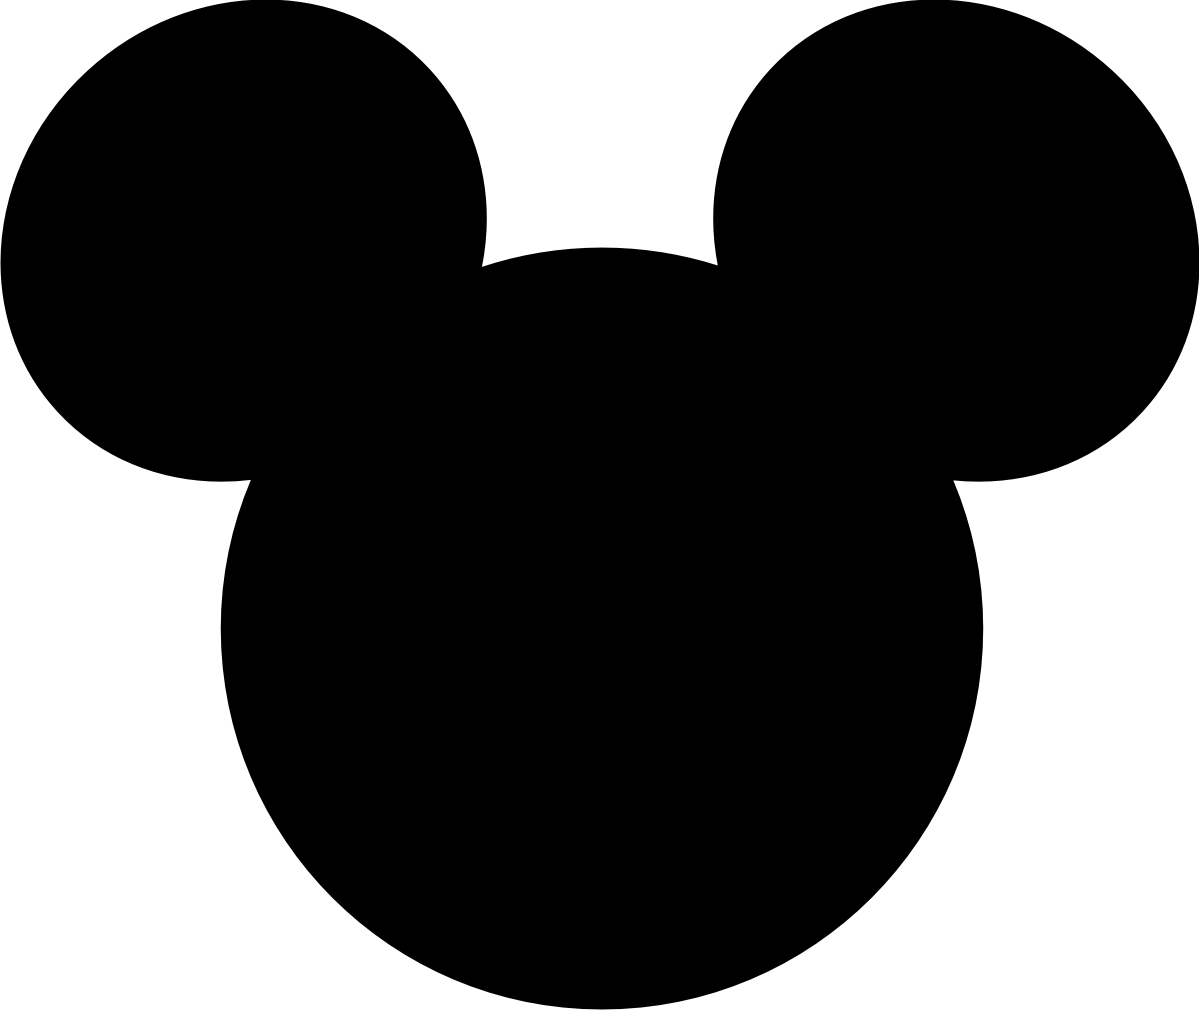 mickey mouse head logo